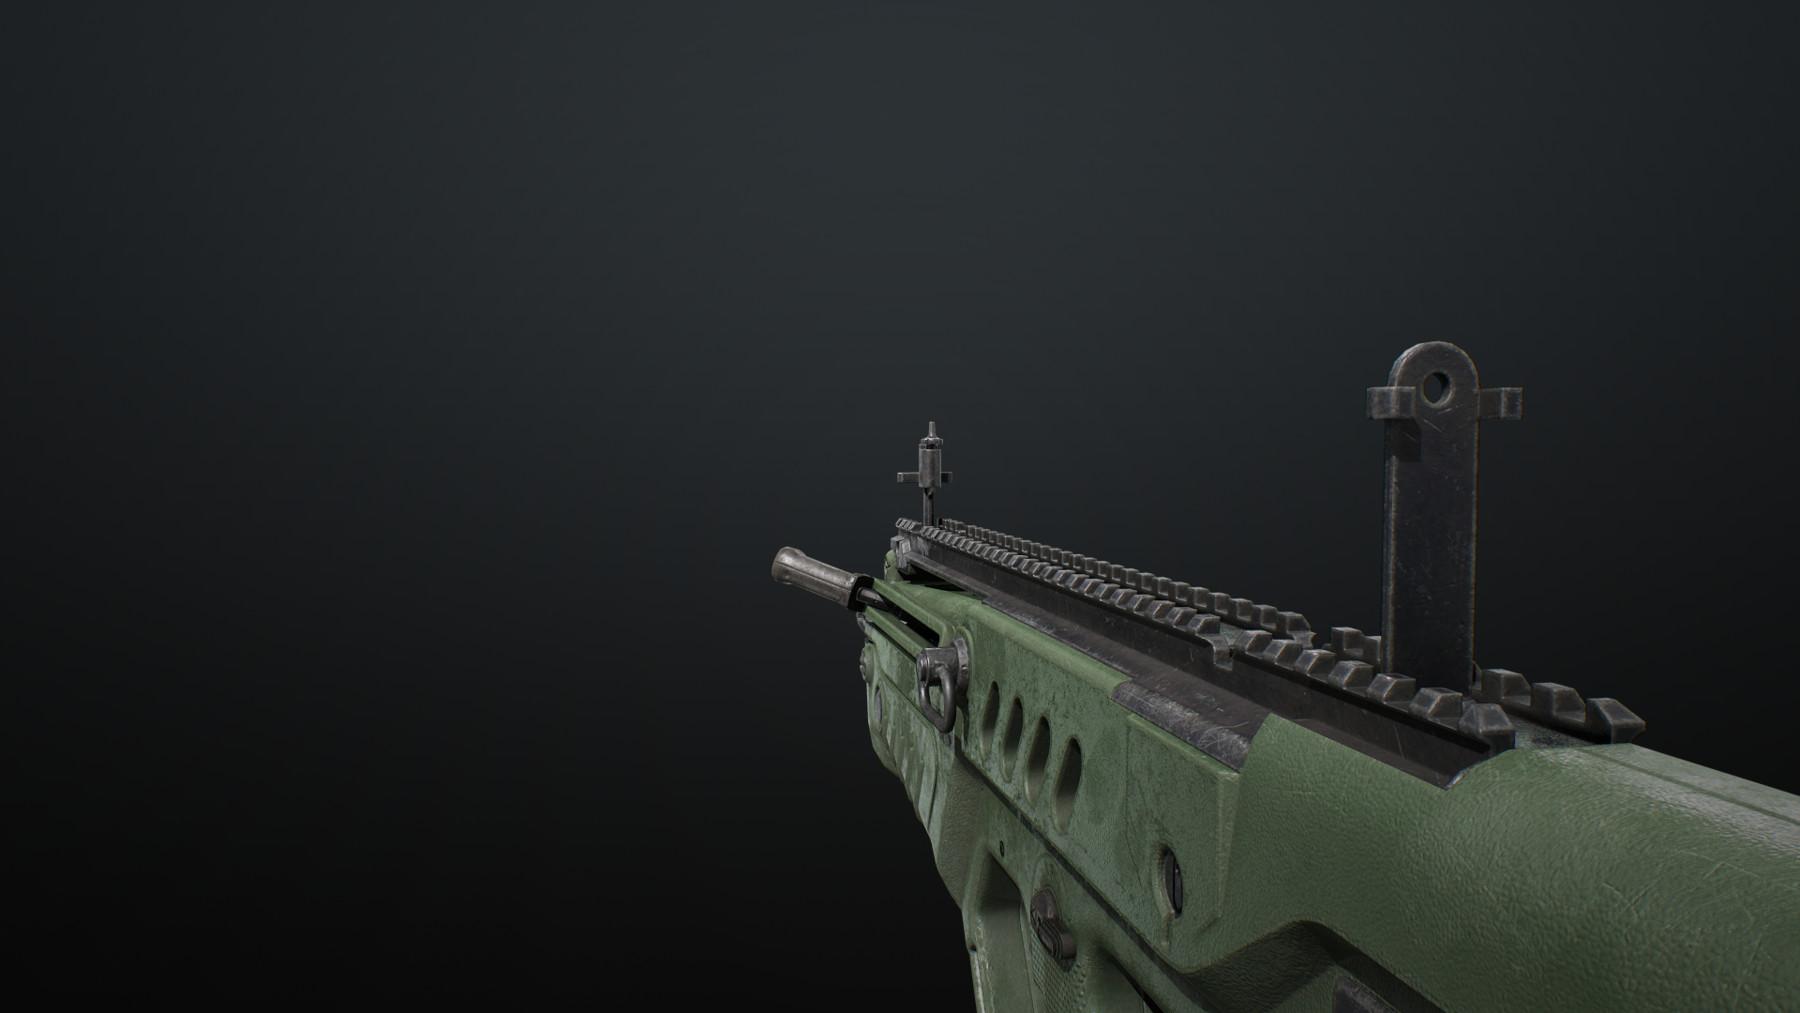 Sbg ar556 fps